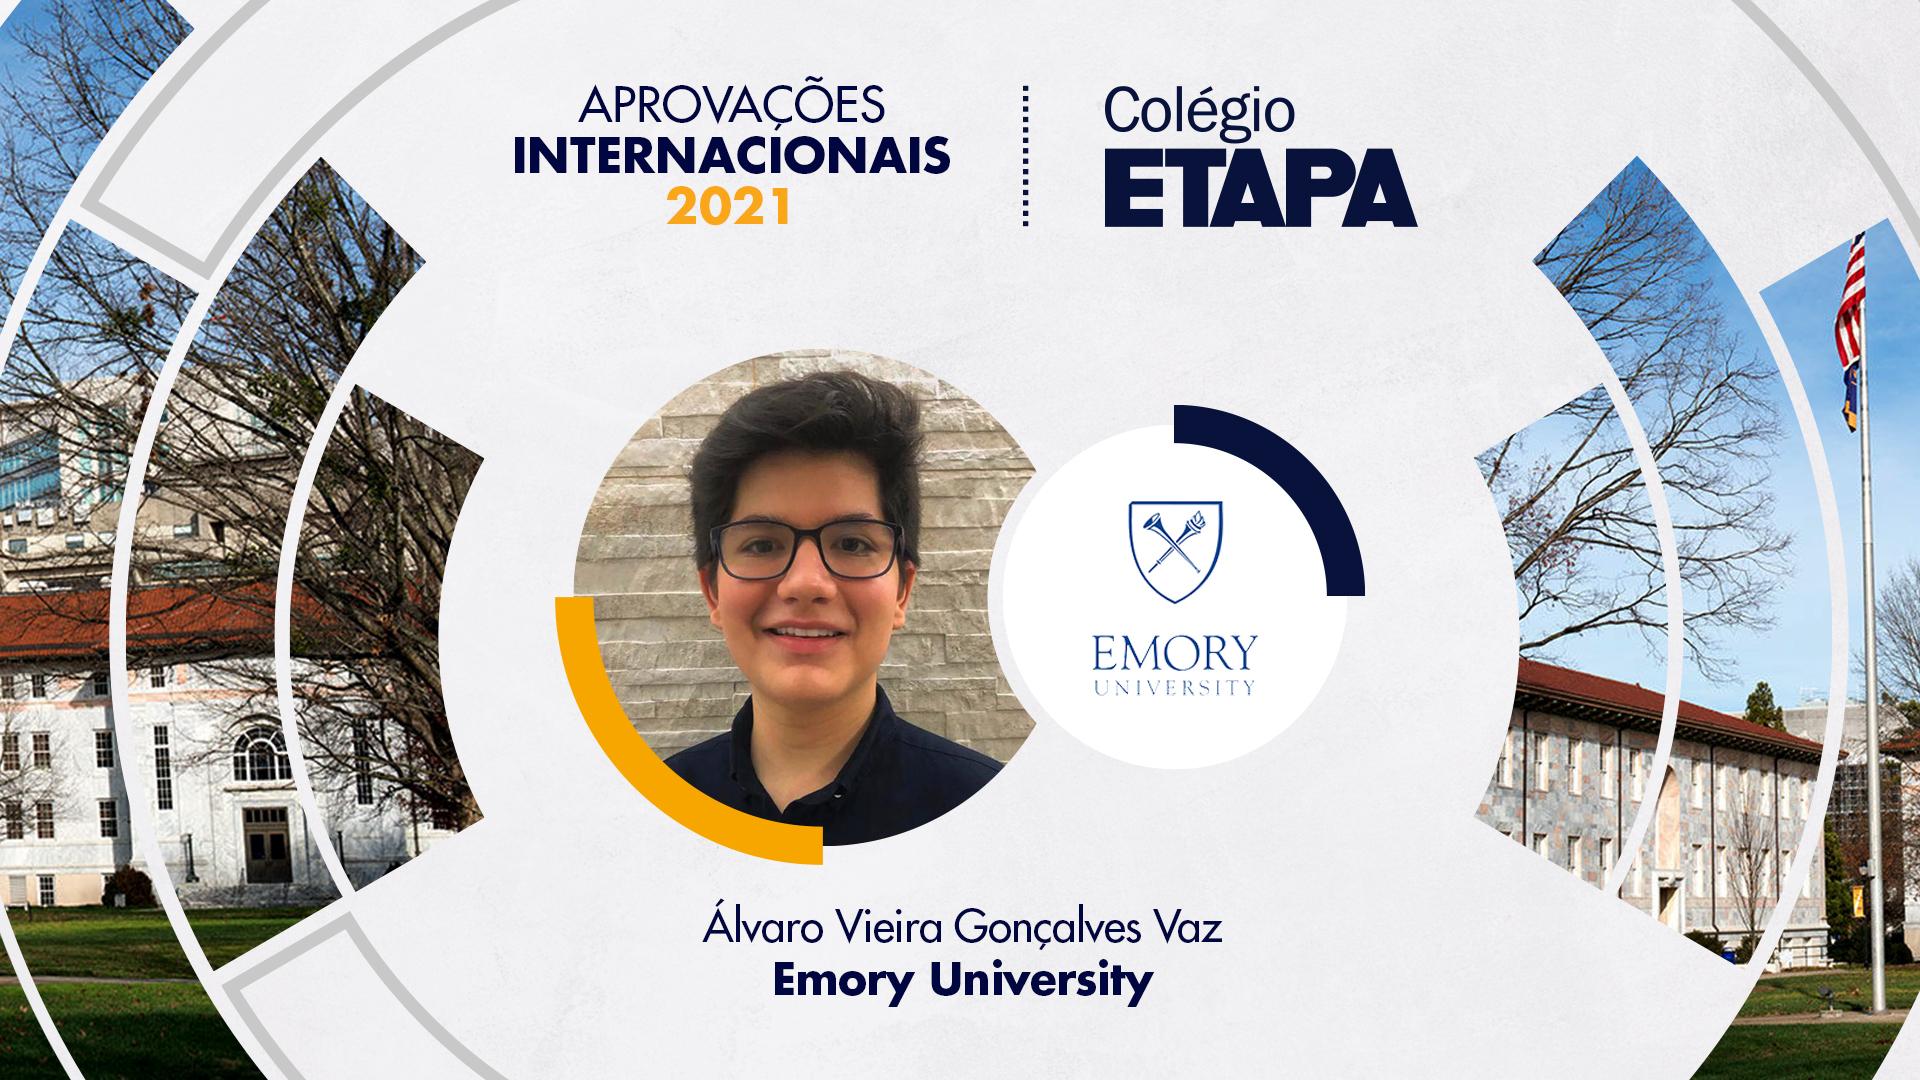 Álvaro Vieira Gonçalves Vaz vai estudar Negócios e Ciência da Computação na Emory University.